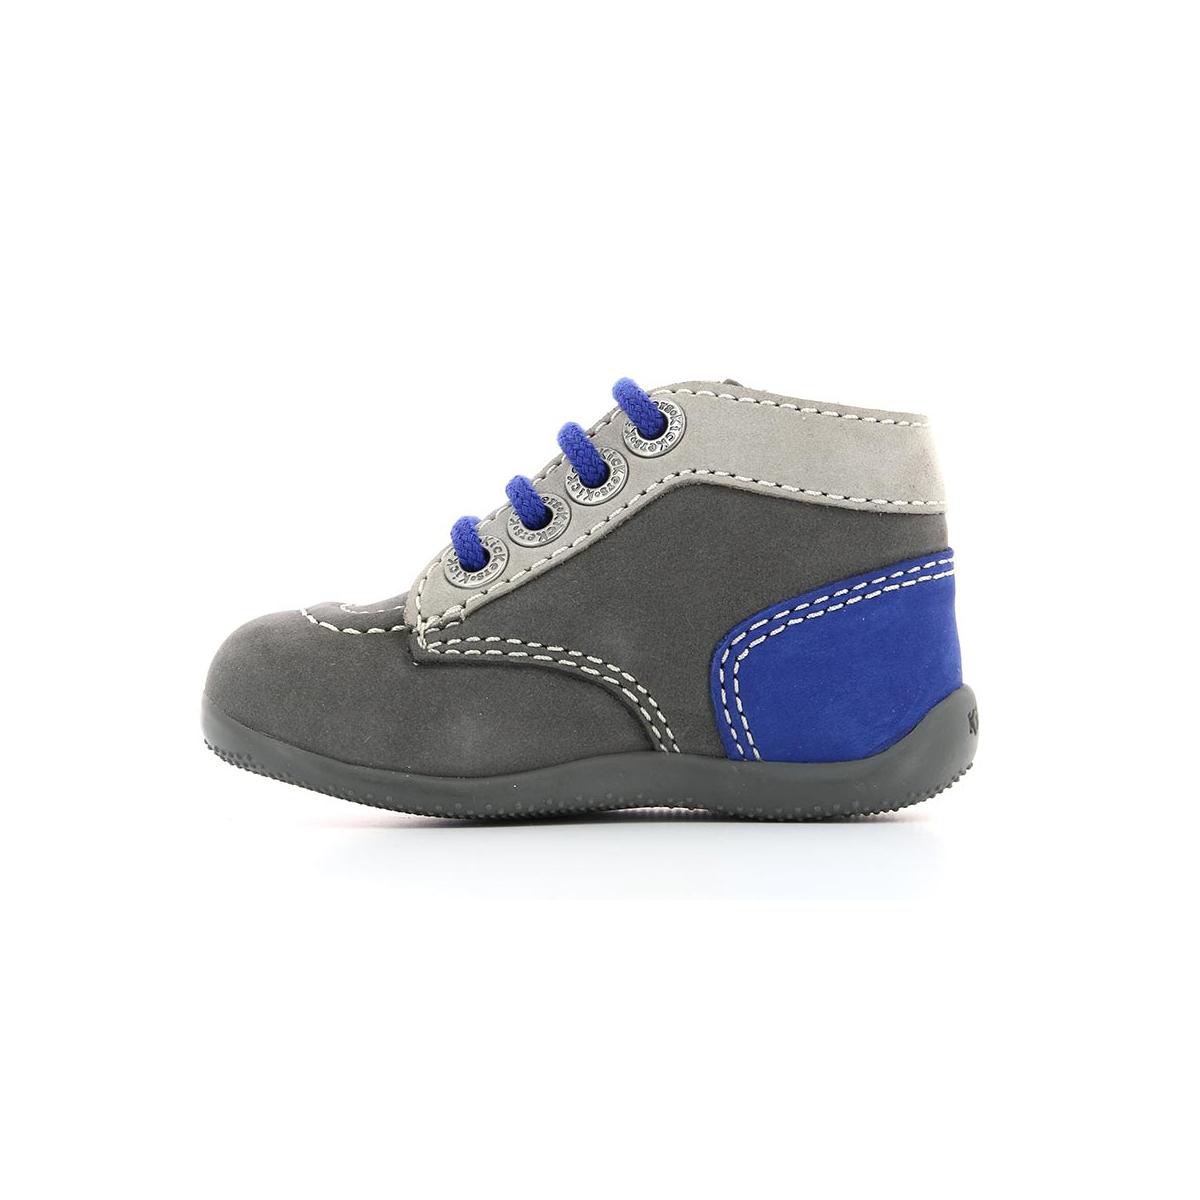 0e009d21594 Bottillons Bébé Bonbon gris clair bleu - Chaussures Bébé - Kickers